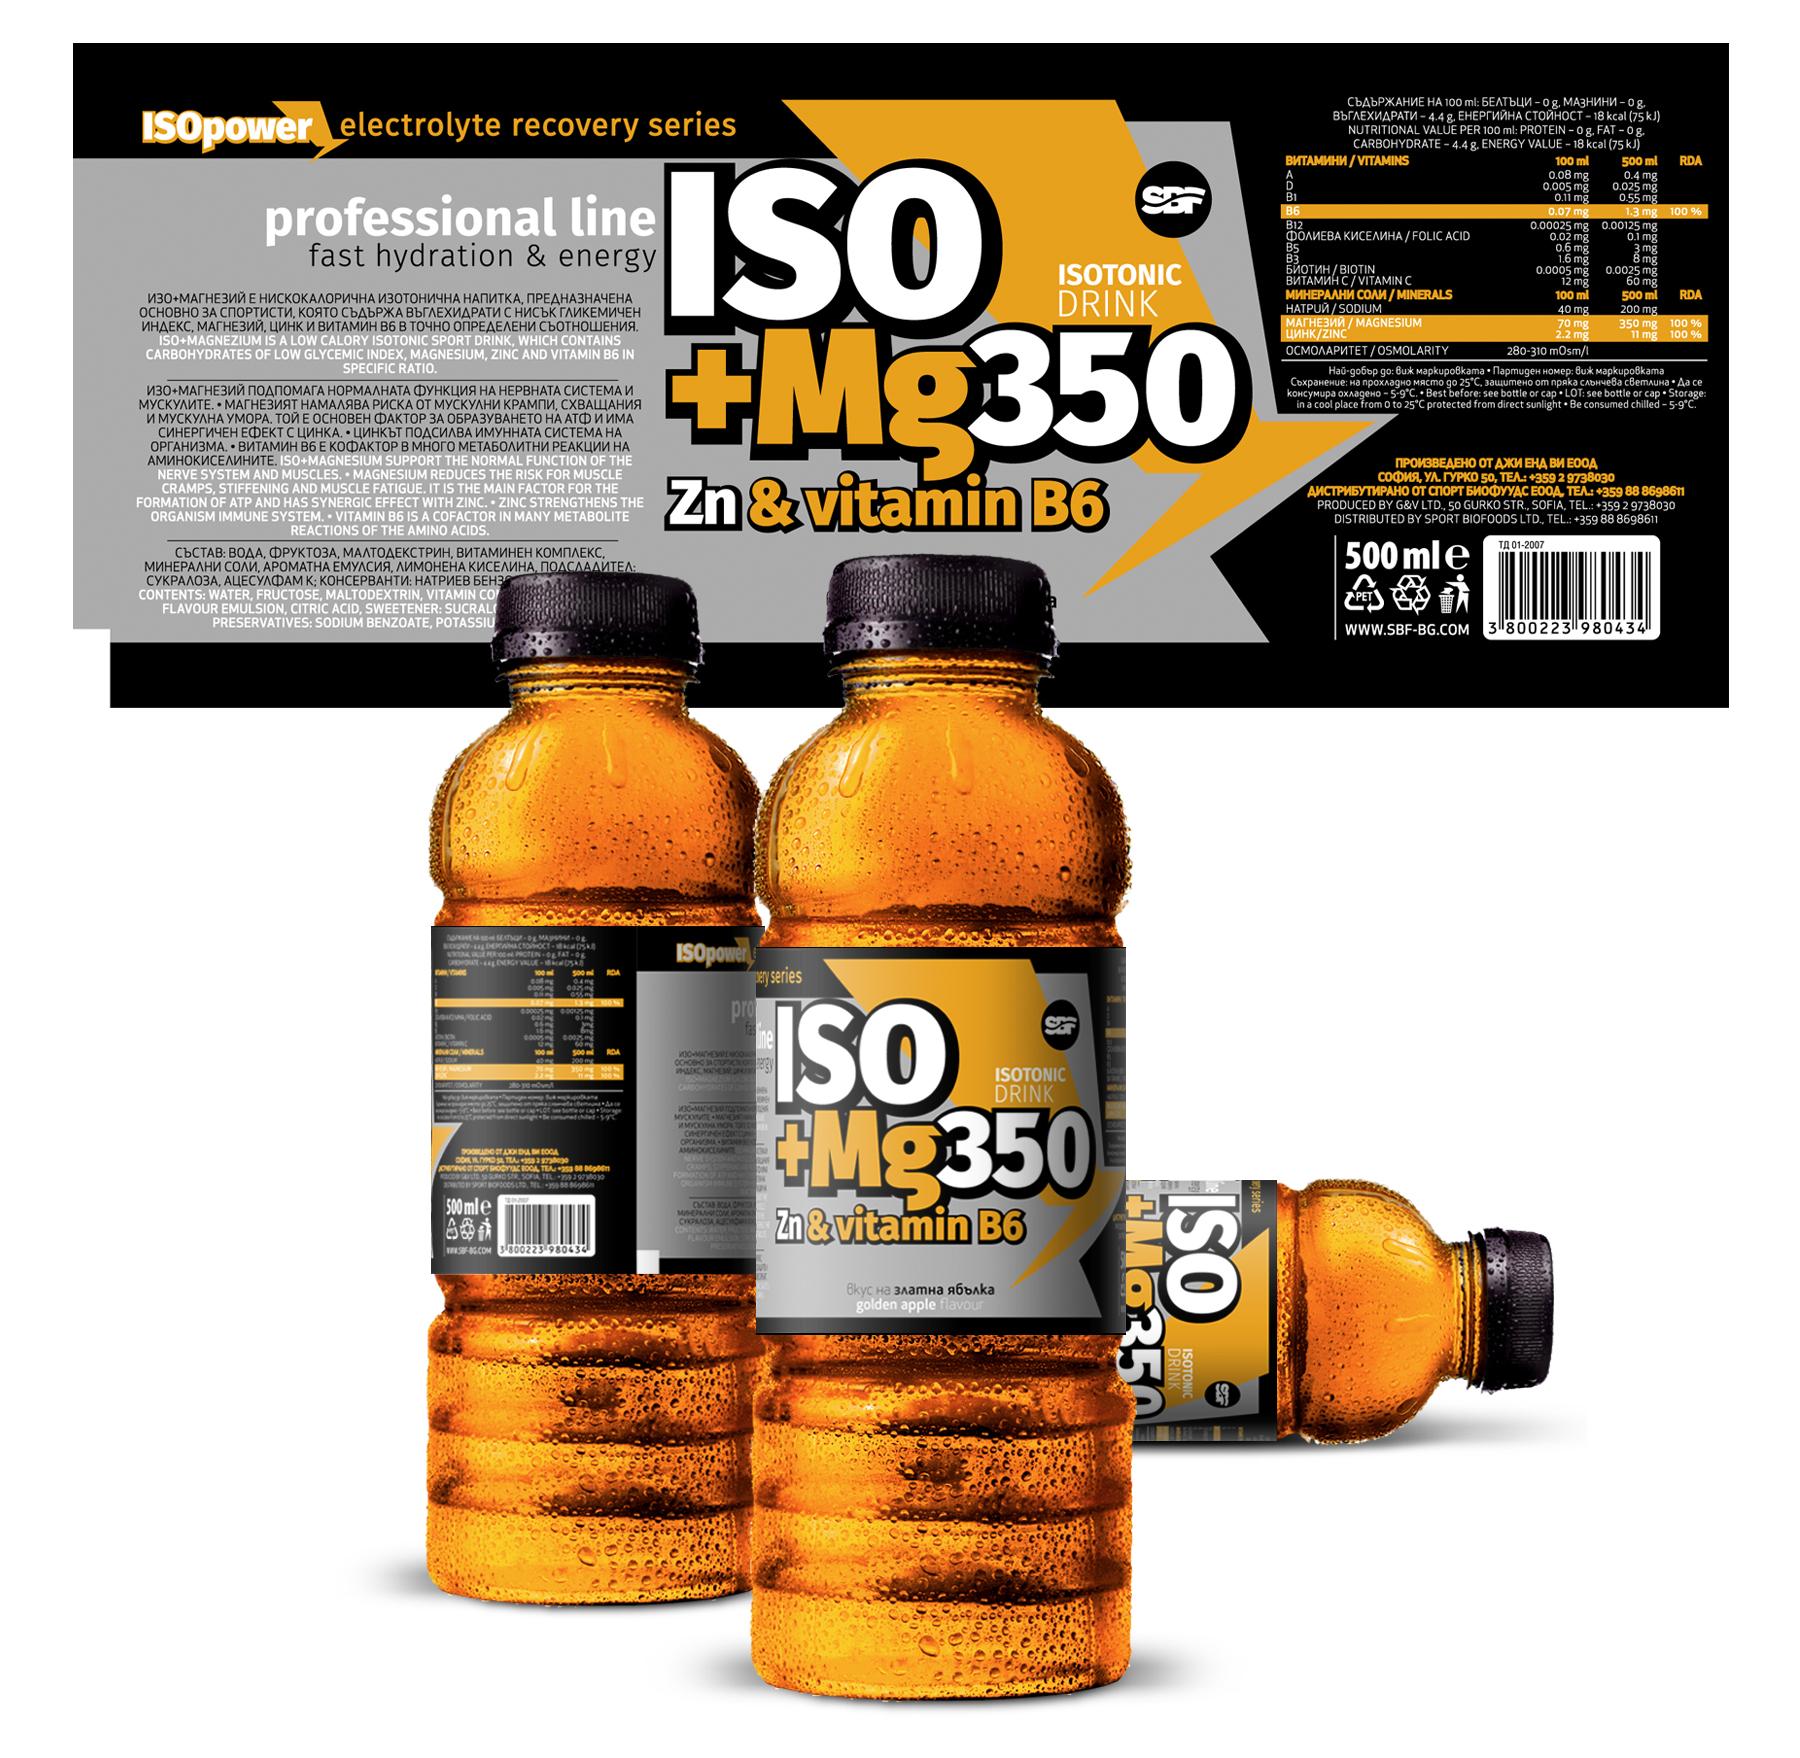 Iso +Mg350, Zn & vitamin B6